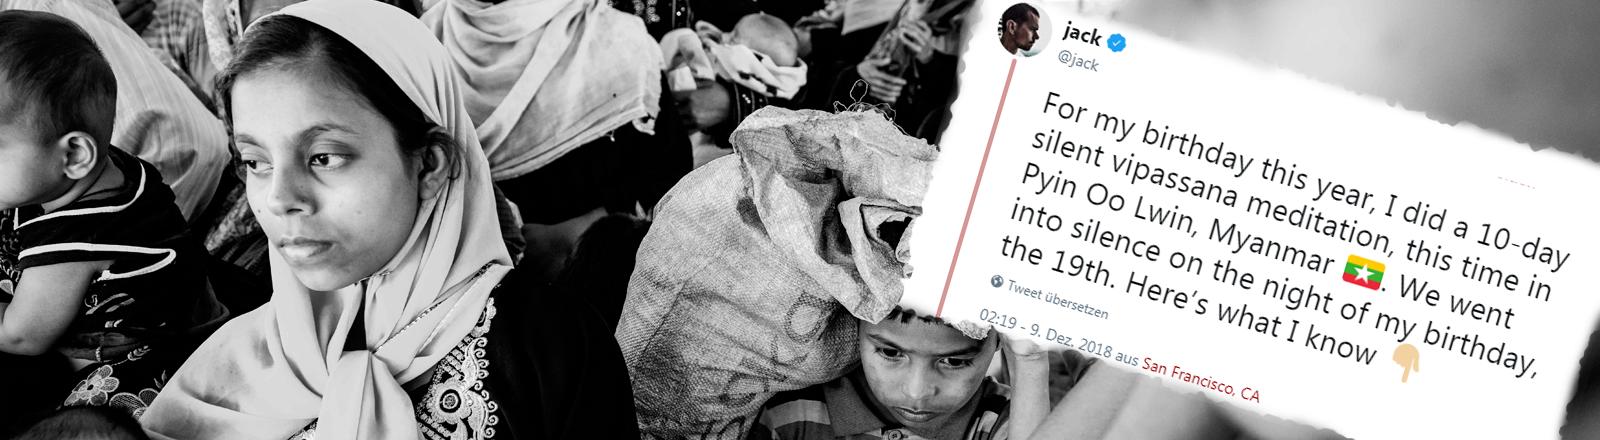 Geflüchtete Rohingya an der Grenze zu Bangladesch am 29. November 2018. Dazu der Tweet von Twitter-Chef Jack Dorsey.